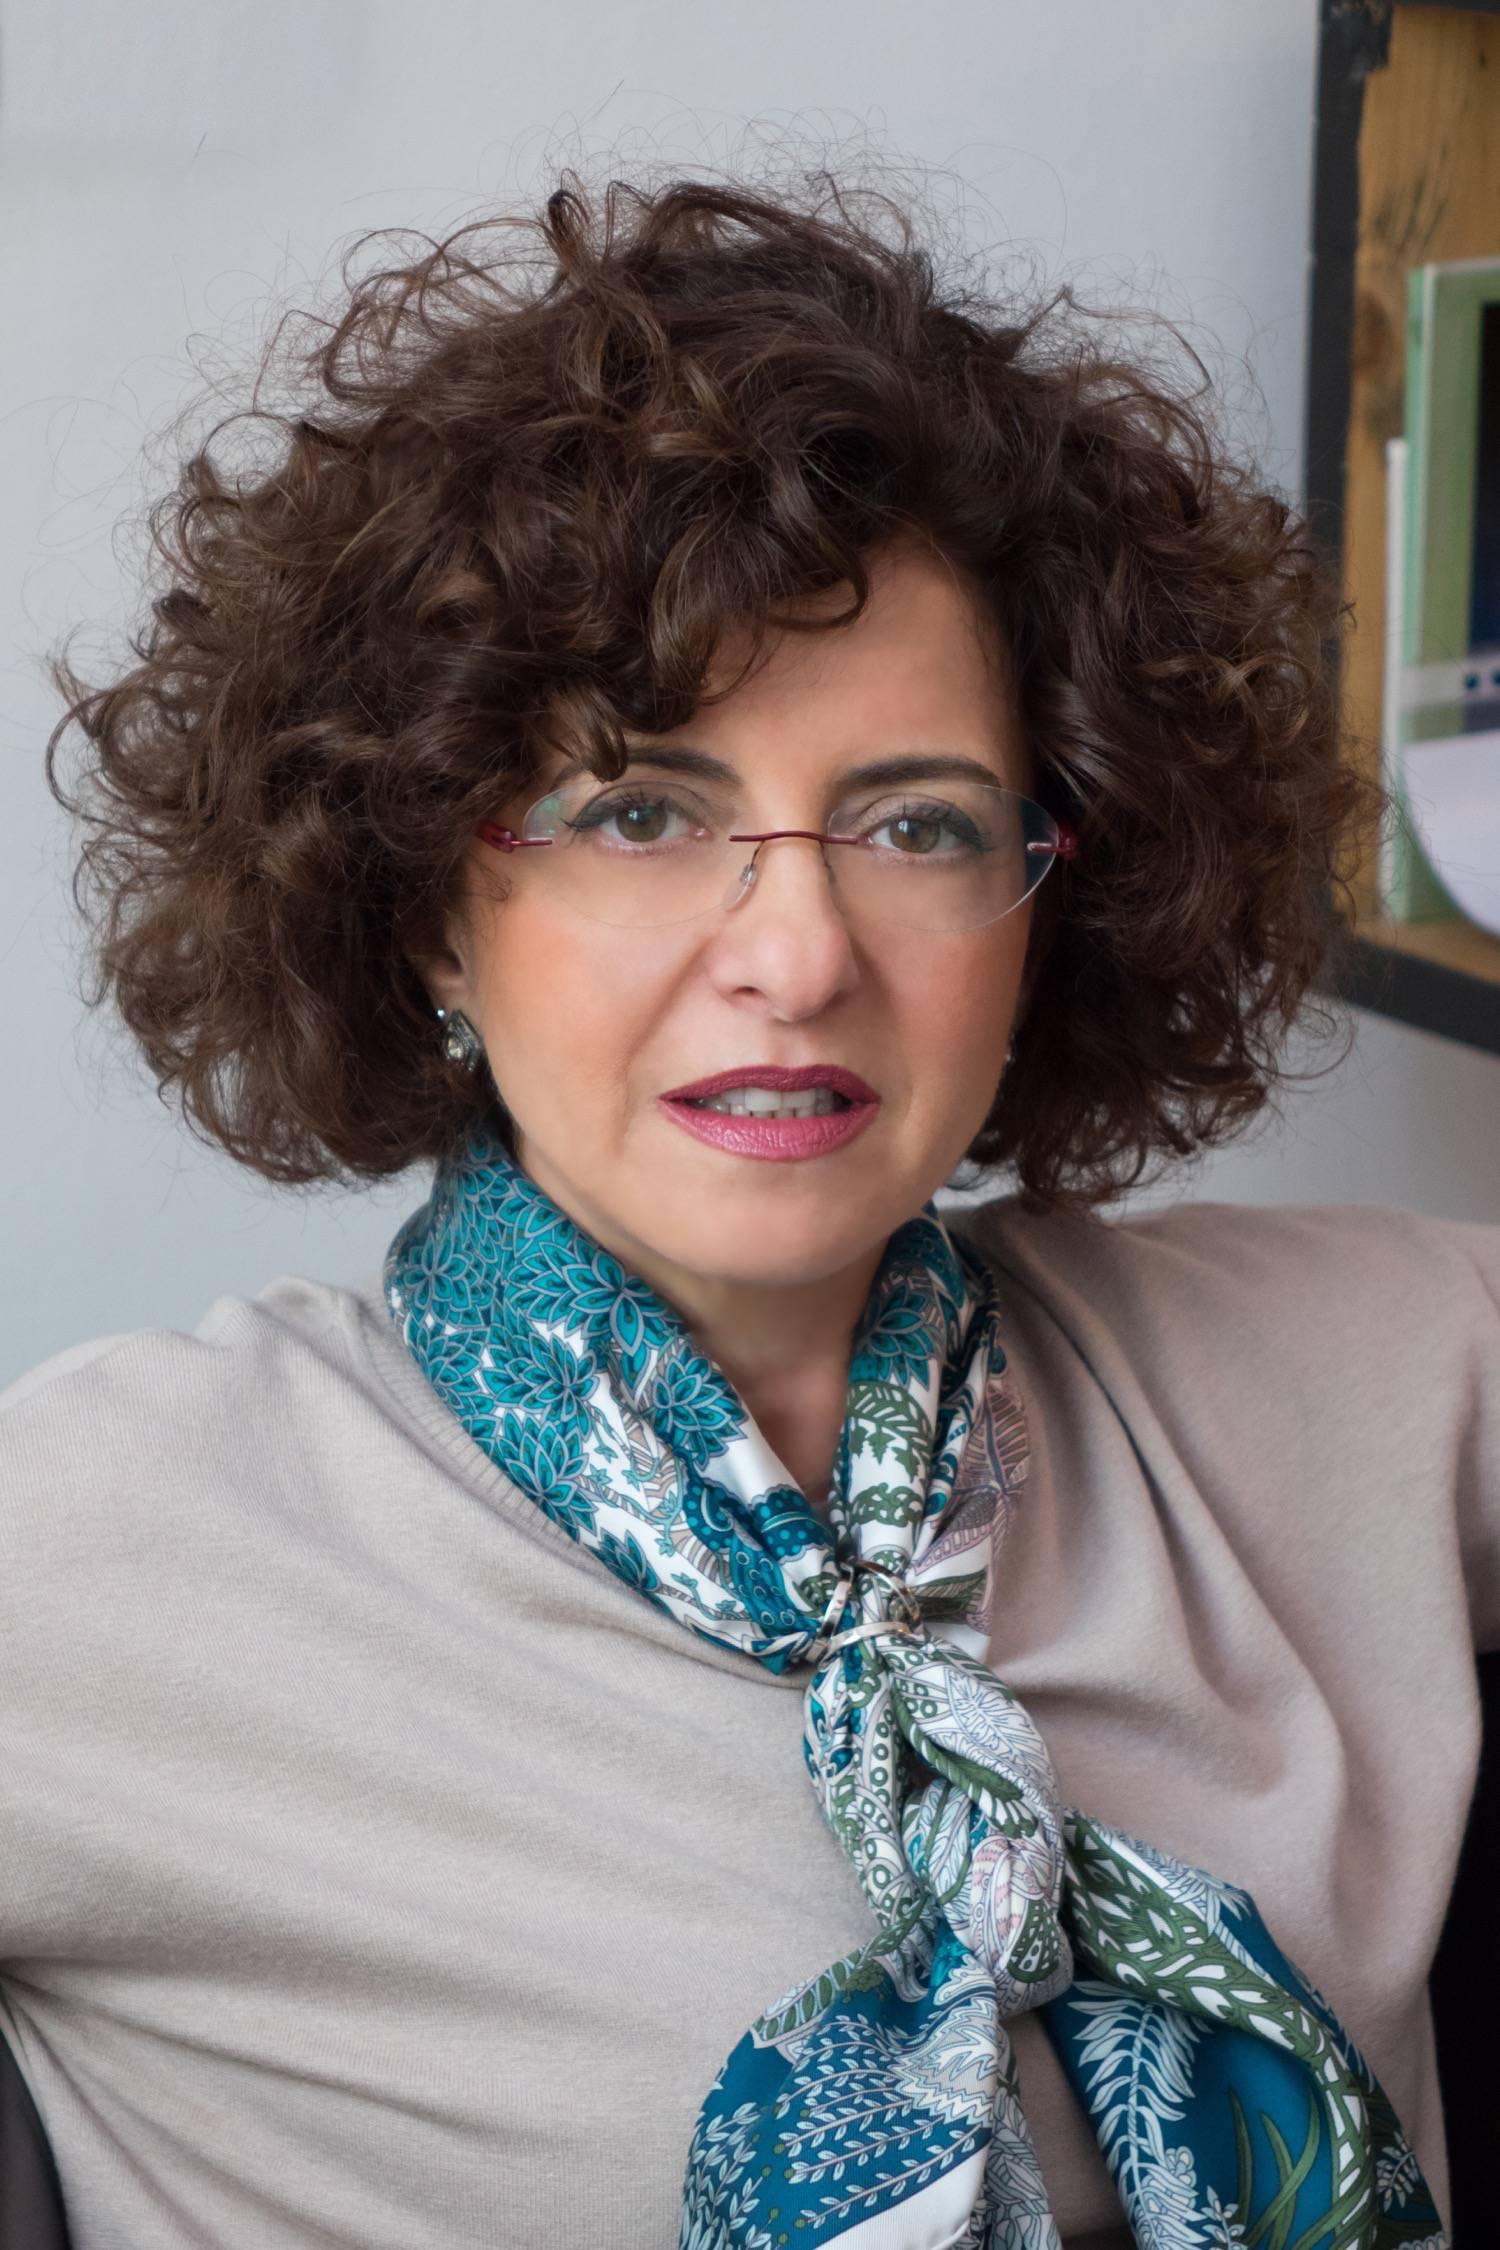 Cristiana Corsini